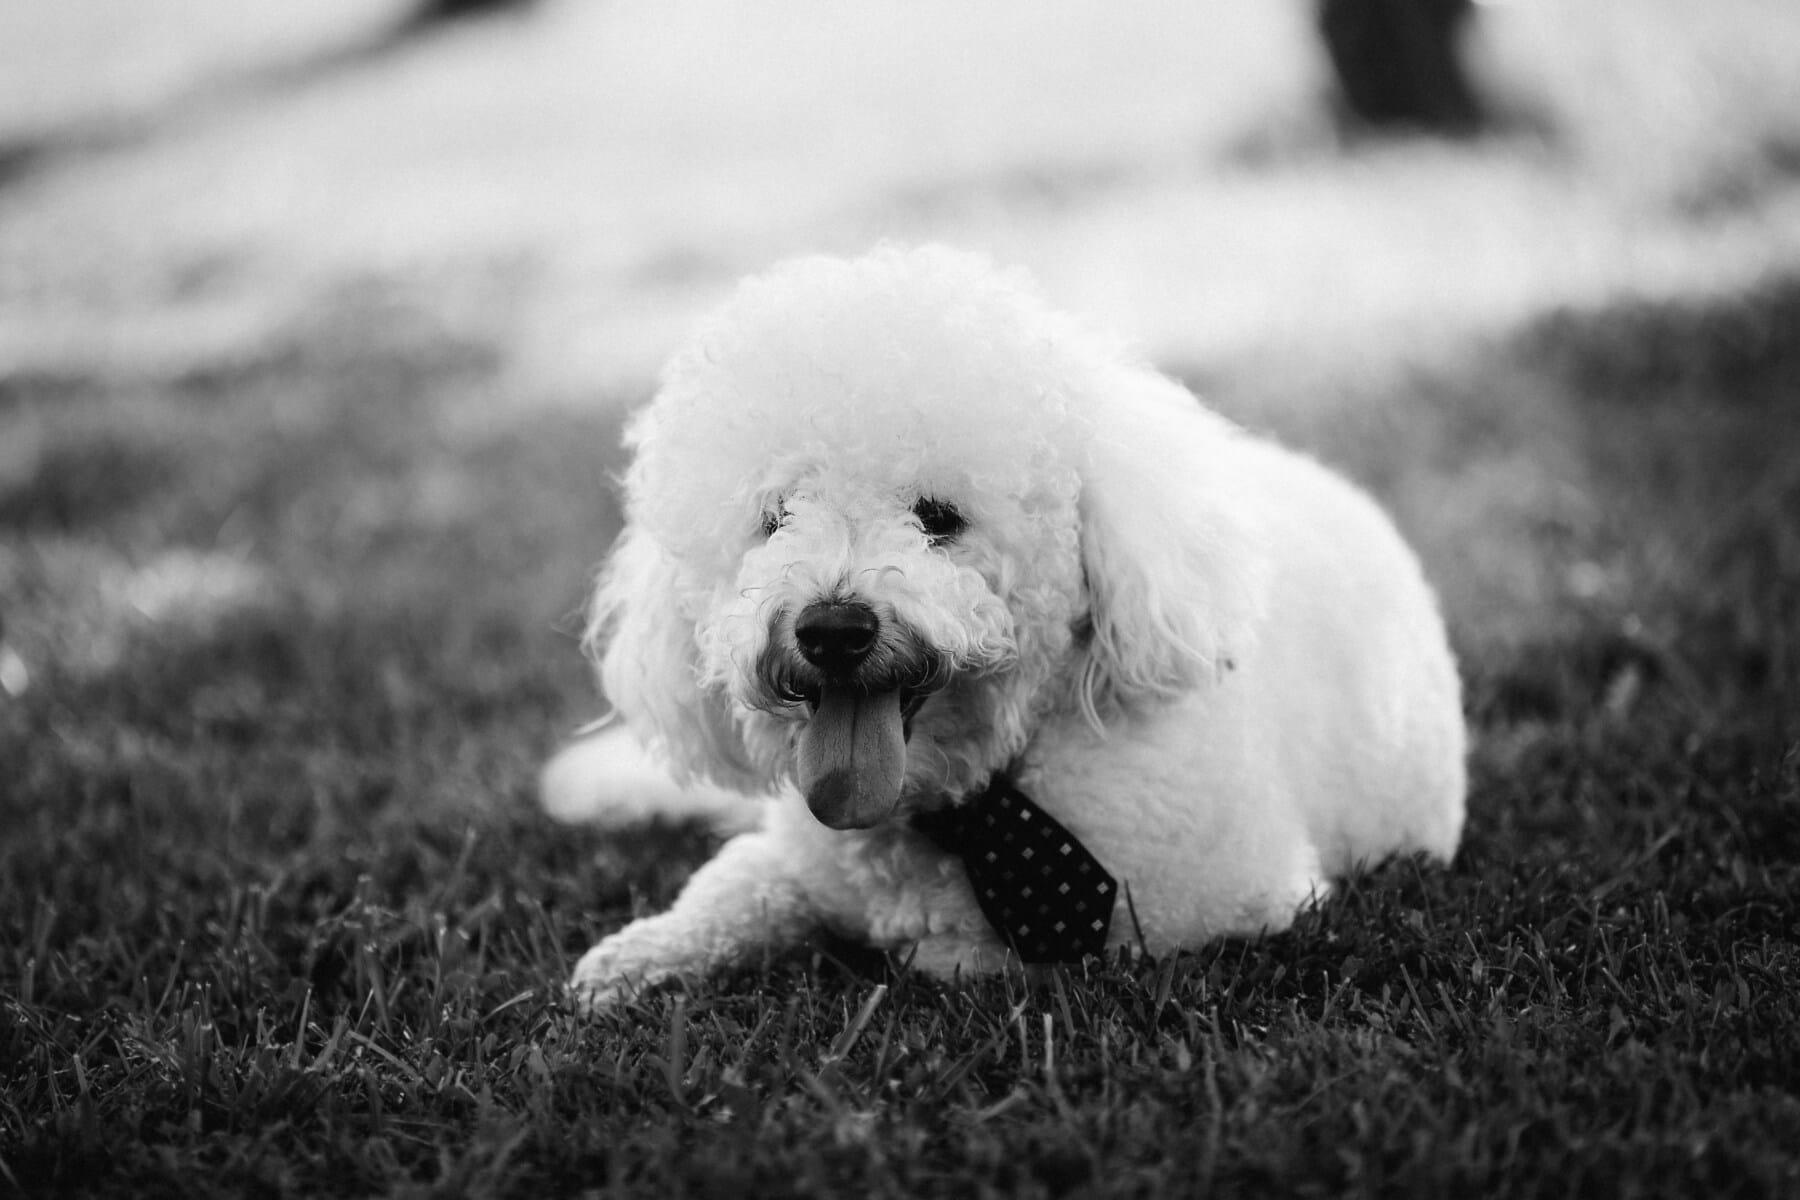 weiß, Hund, Krawatte, liebenswert, Rest, Zunge, Kopf, Welpe, Haustier, niedlich